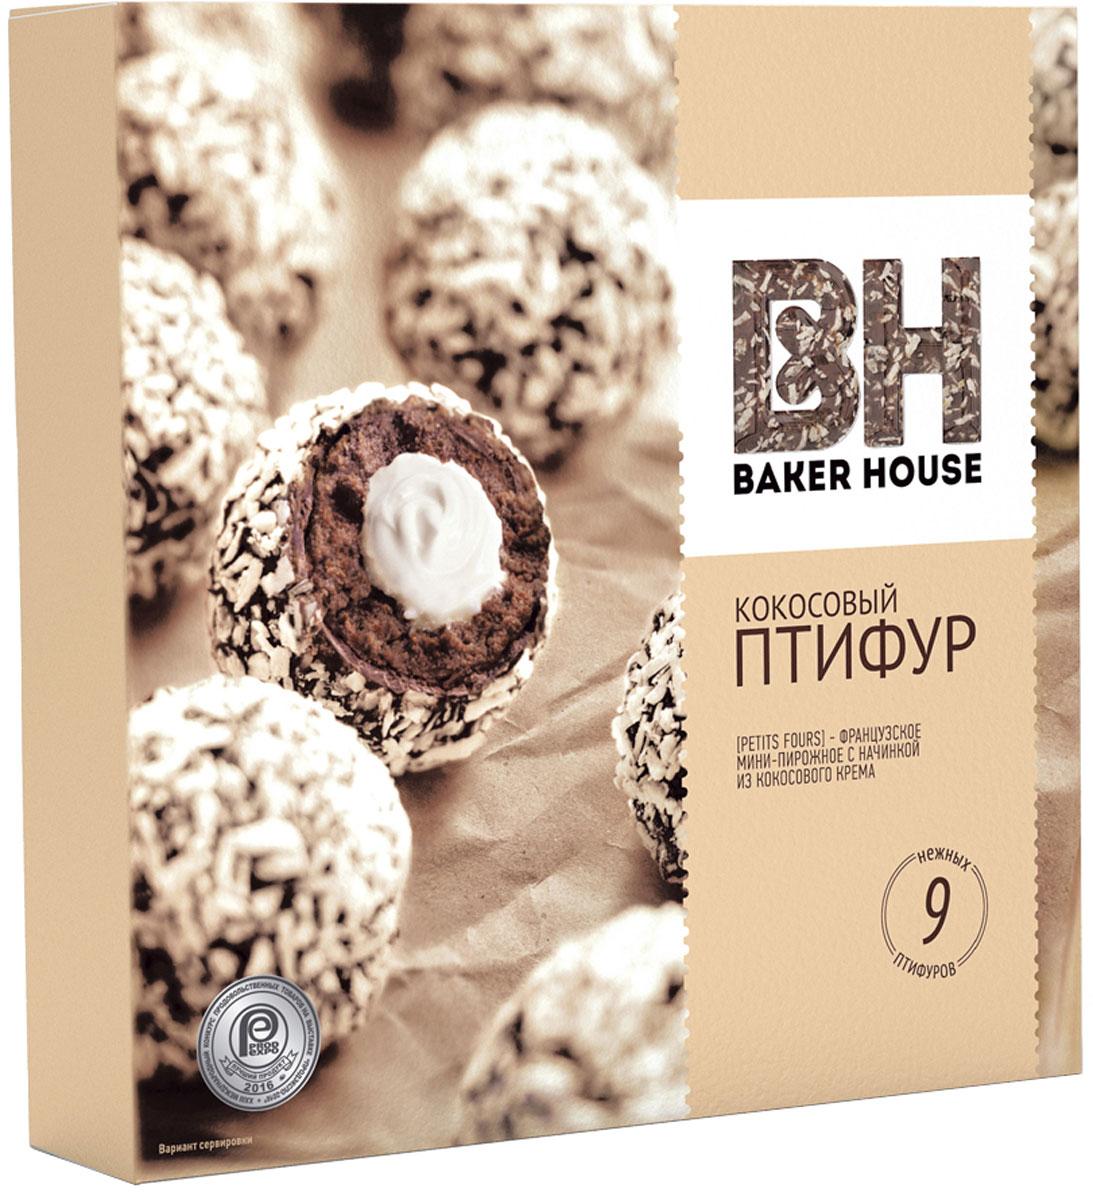 Baker House Птифур пирожные с кокосовым кремом, 225 г4607001416135Бисквиты Птифур пирожные с кокосовым кремом Baker House225 гр.Французские мини-пирожные в форме шариков. Приготовлены на основе шоколадного бисквита с начинкой из кокосового крема, сверху посыпаны кокосовой стружкой. Этот десерт станет прекрасным дополнением к чаю, кофе.В упаковке 9 мини-пирожных.